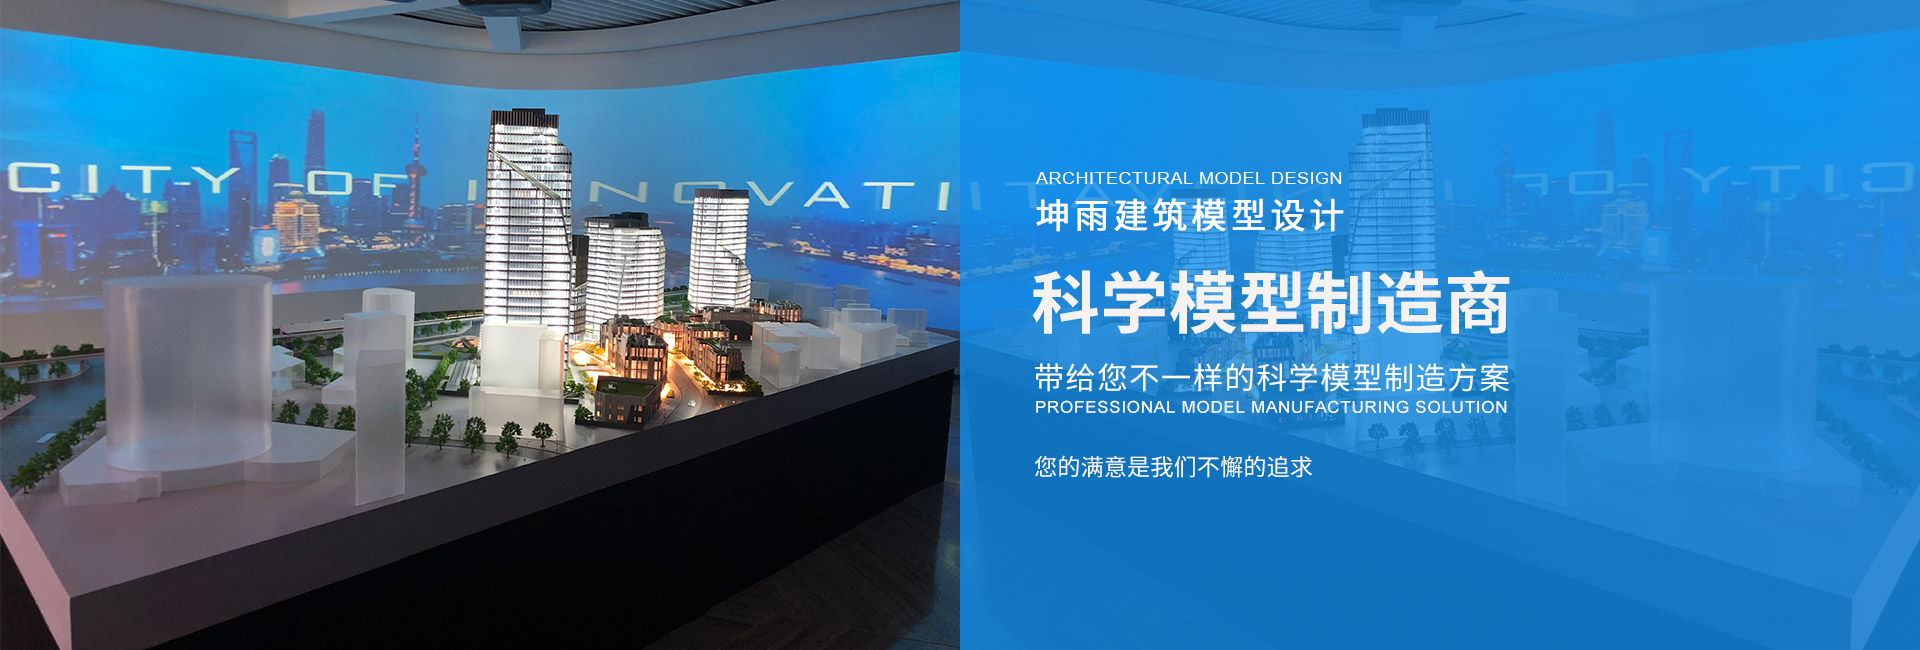 ?上海坤雨建筑模型設計有限公司